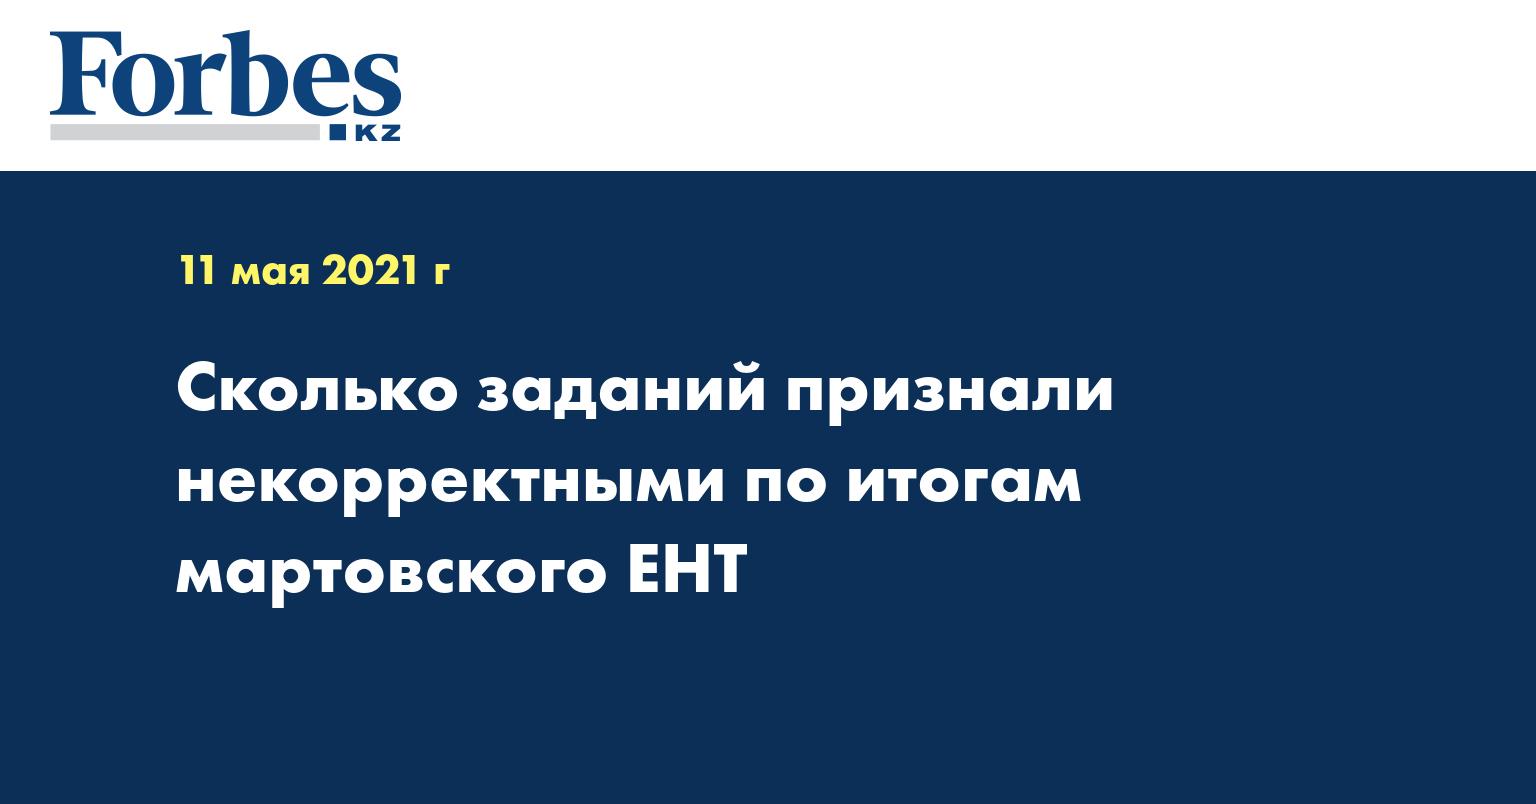 Сколько заданий признали некорректными по итогам мартовского ЕНТ